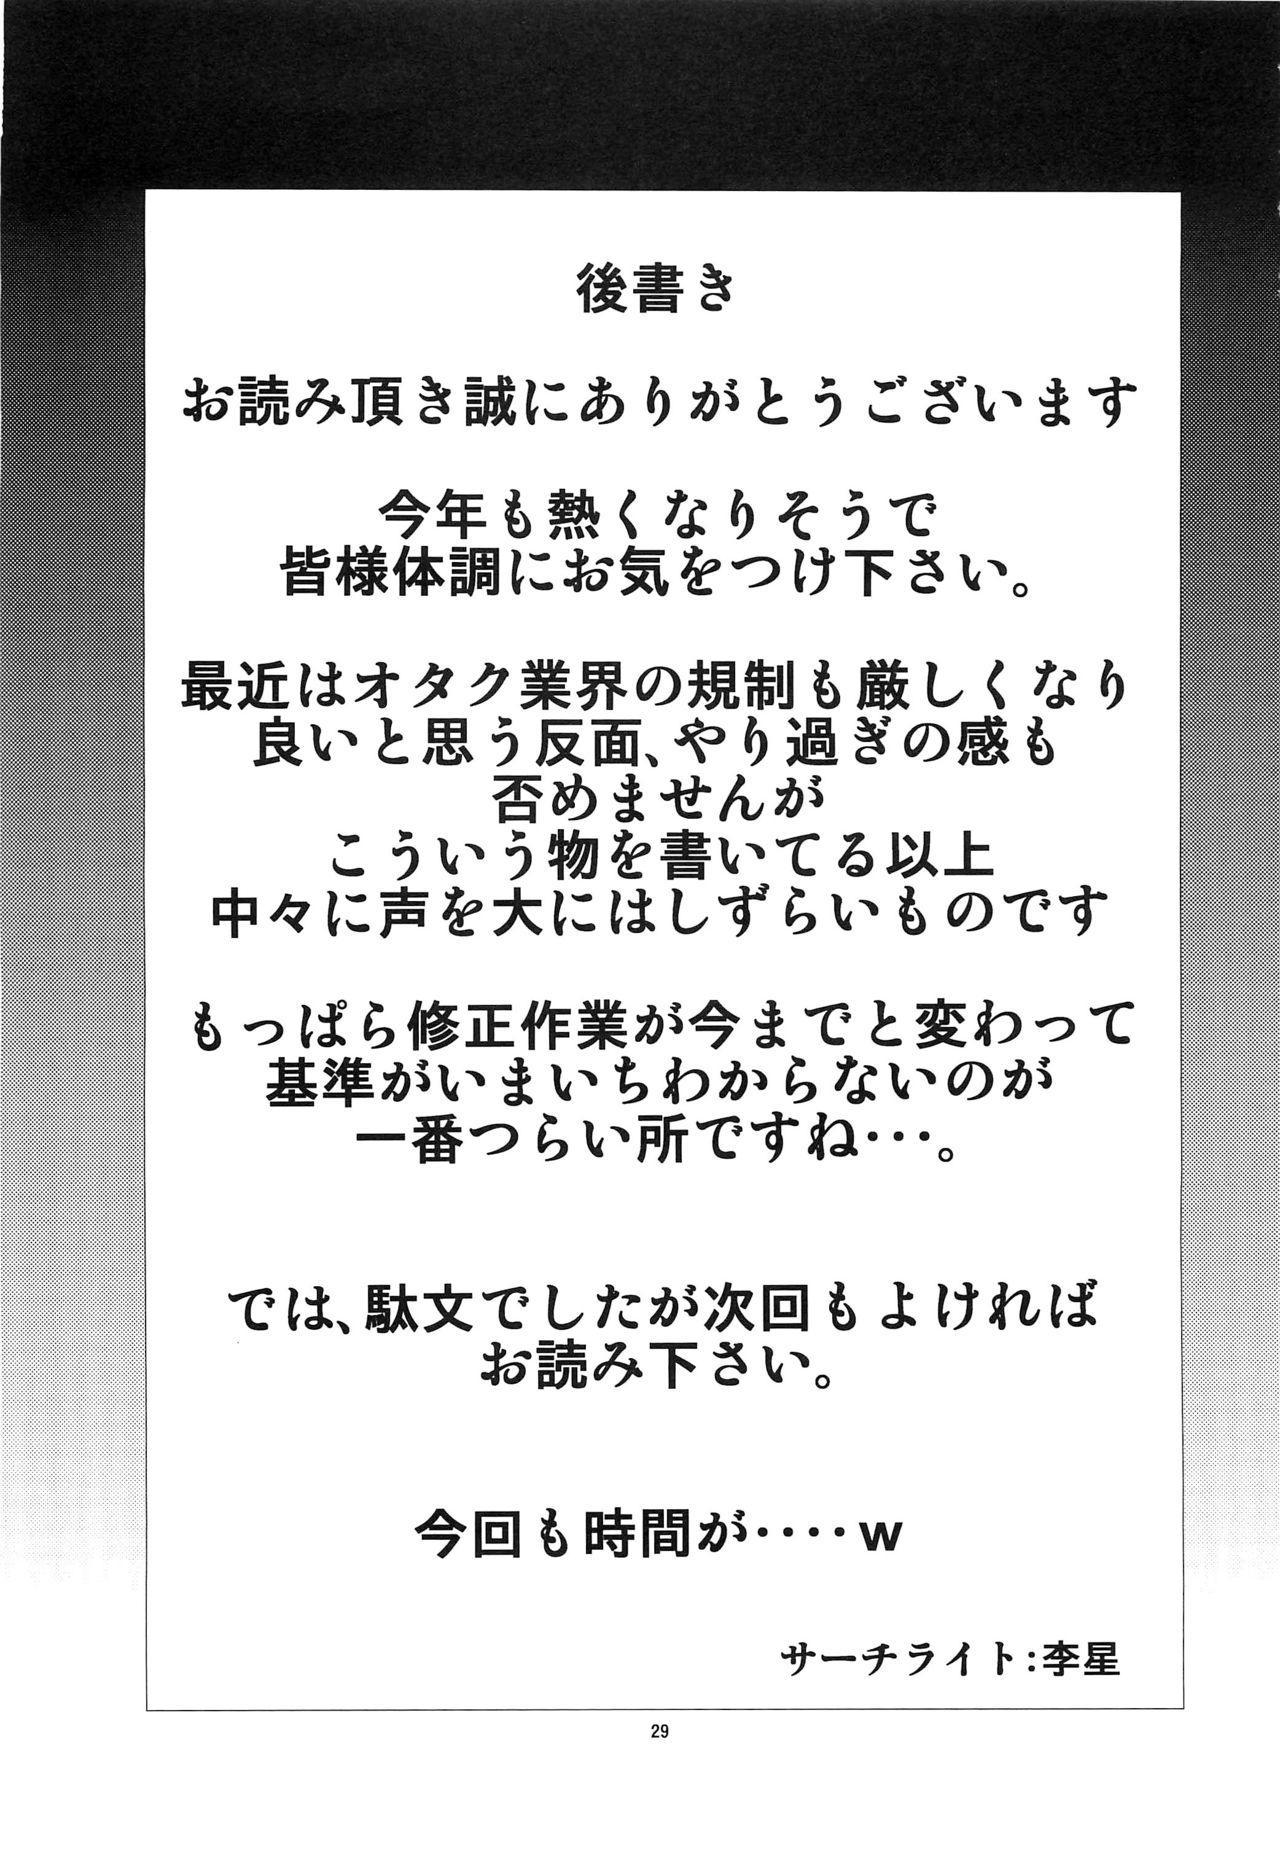 NTR Haramasare Ubawareta Aibou 27